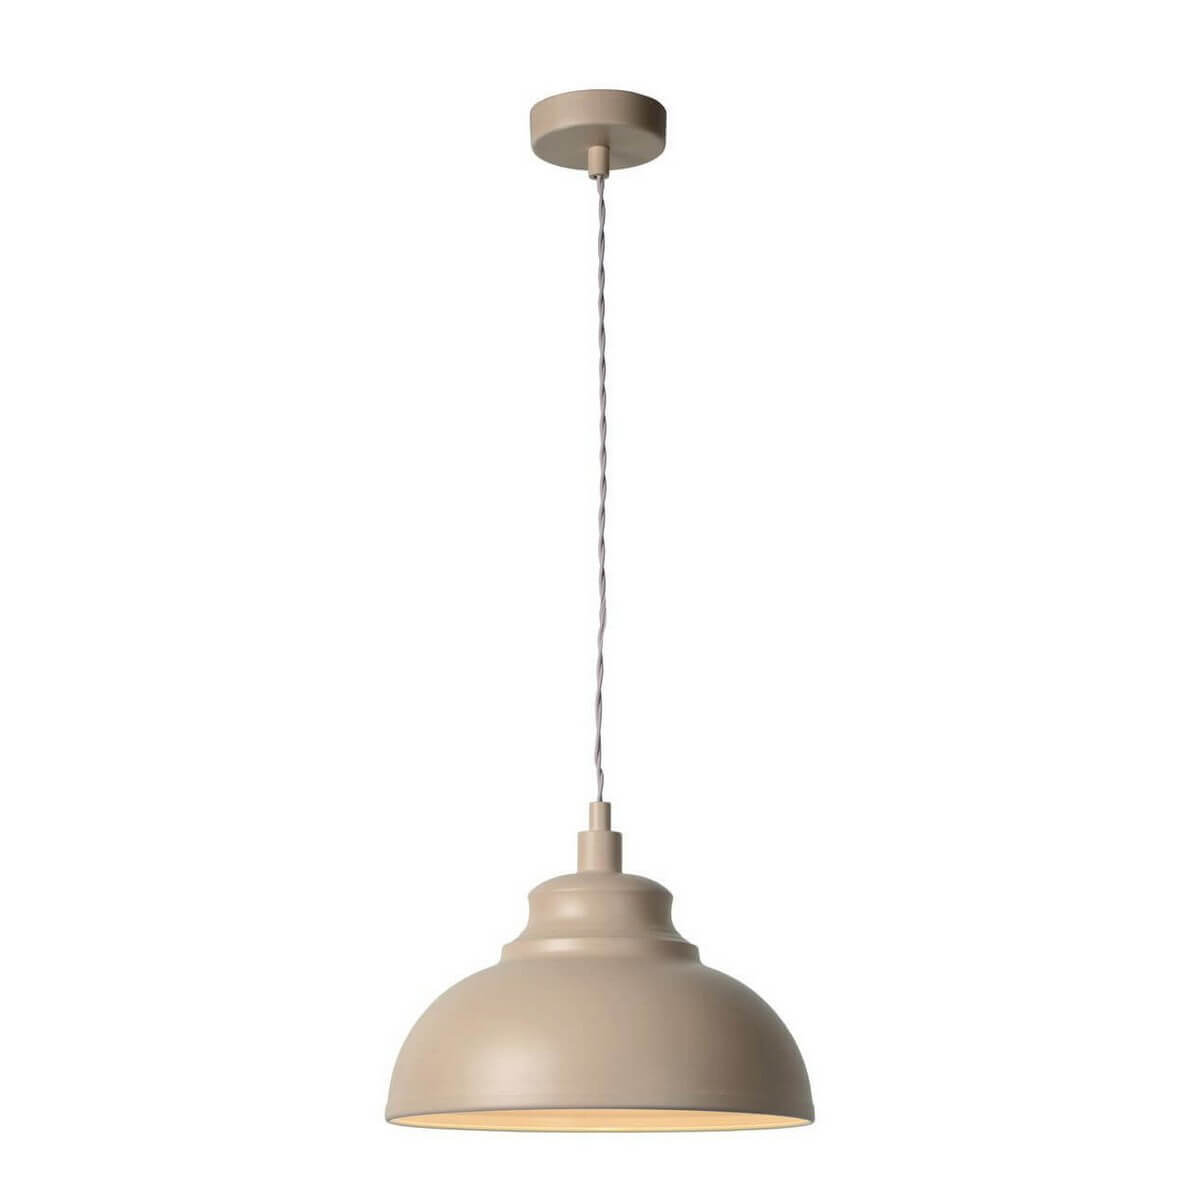 Подвесной светильник Lucide Isla 34400/29/41 светильник lucide isla 34400 29 38